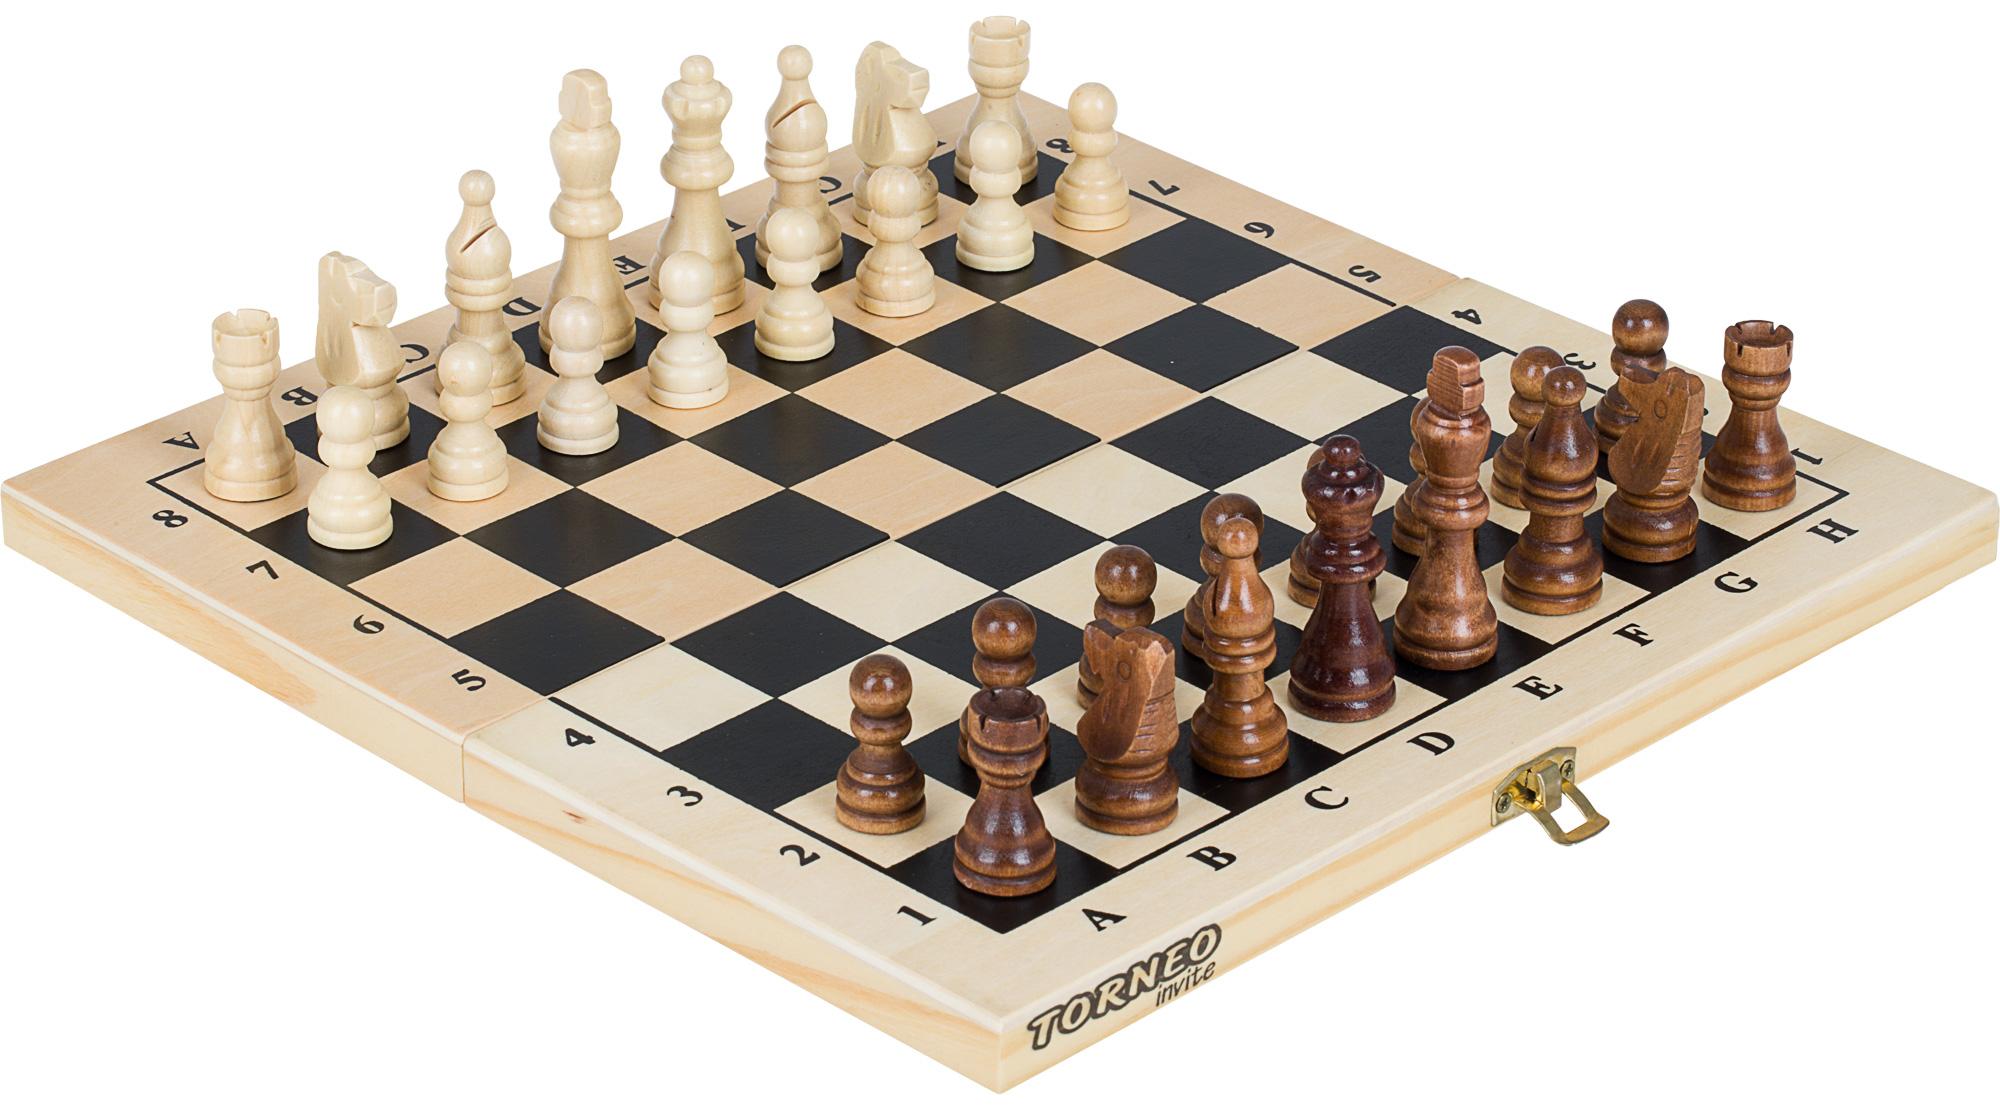 Torneo Настольная игра 2 в 1: шахматы, шашки Torneo